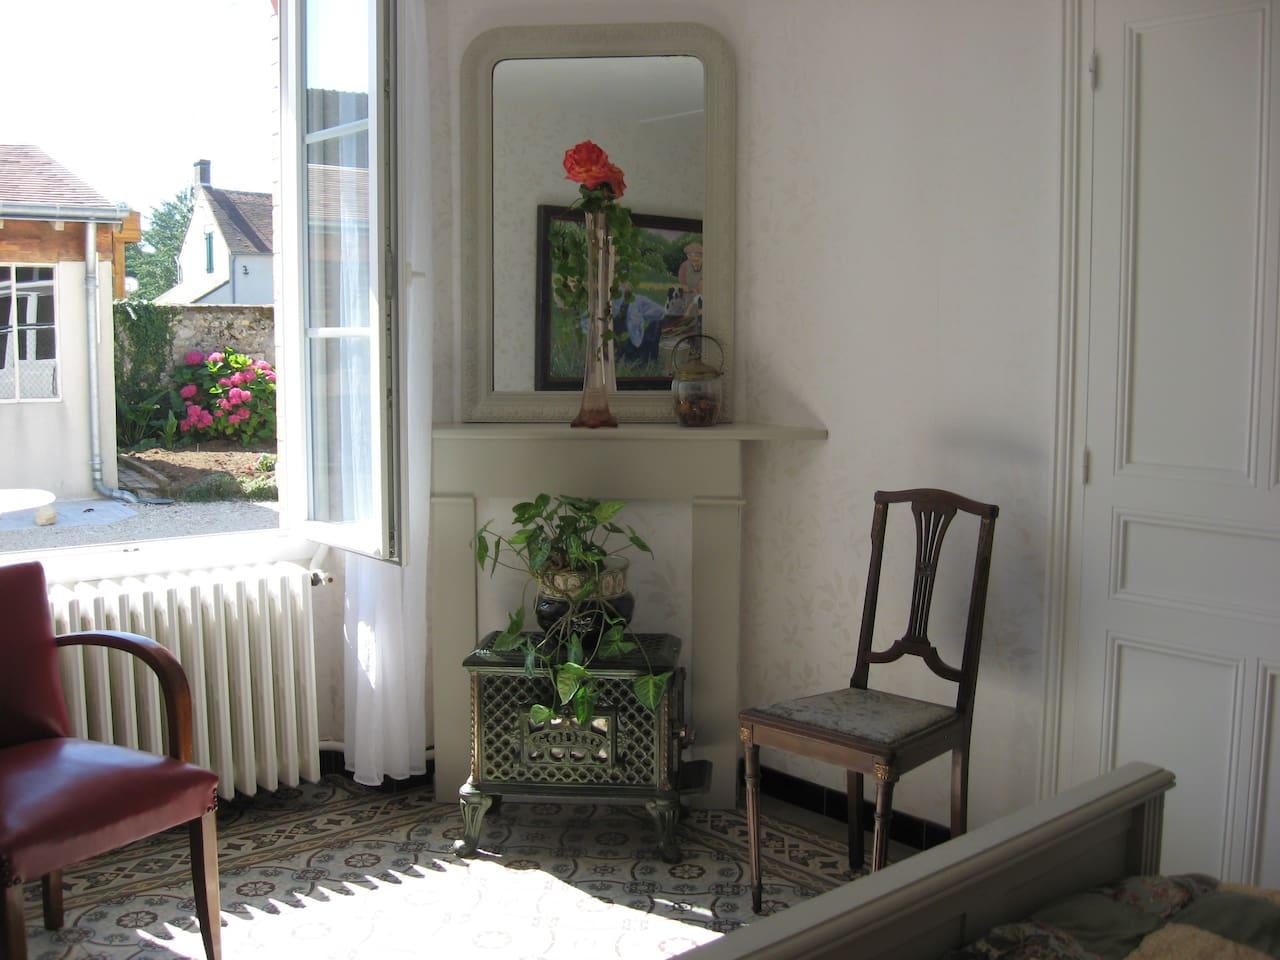 La Maison Bleue Issy Les Moulineaux maison bleue-cottage near blois - houses for rent in